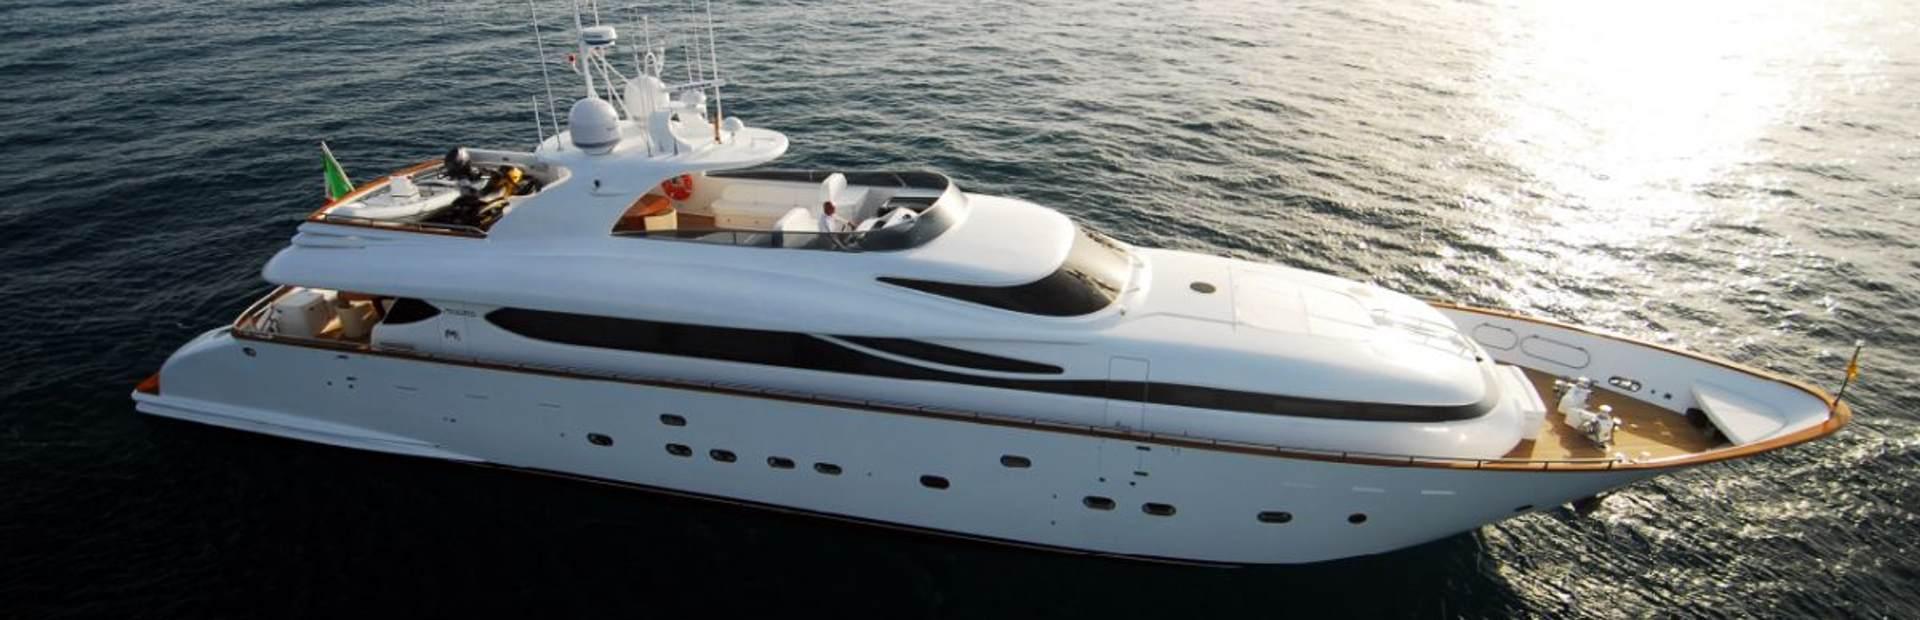 Mairoa 33DP Yacht Charter